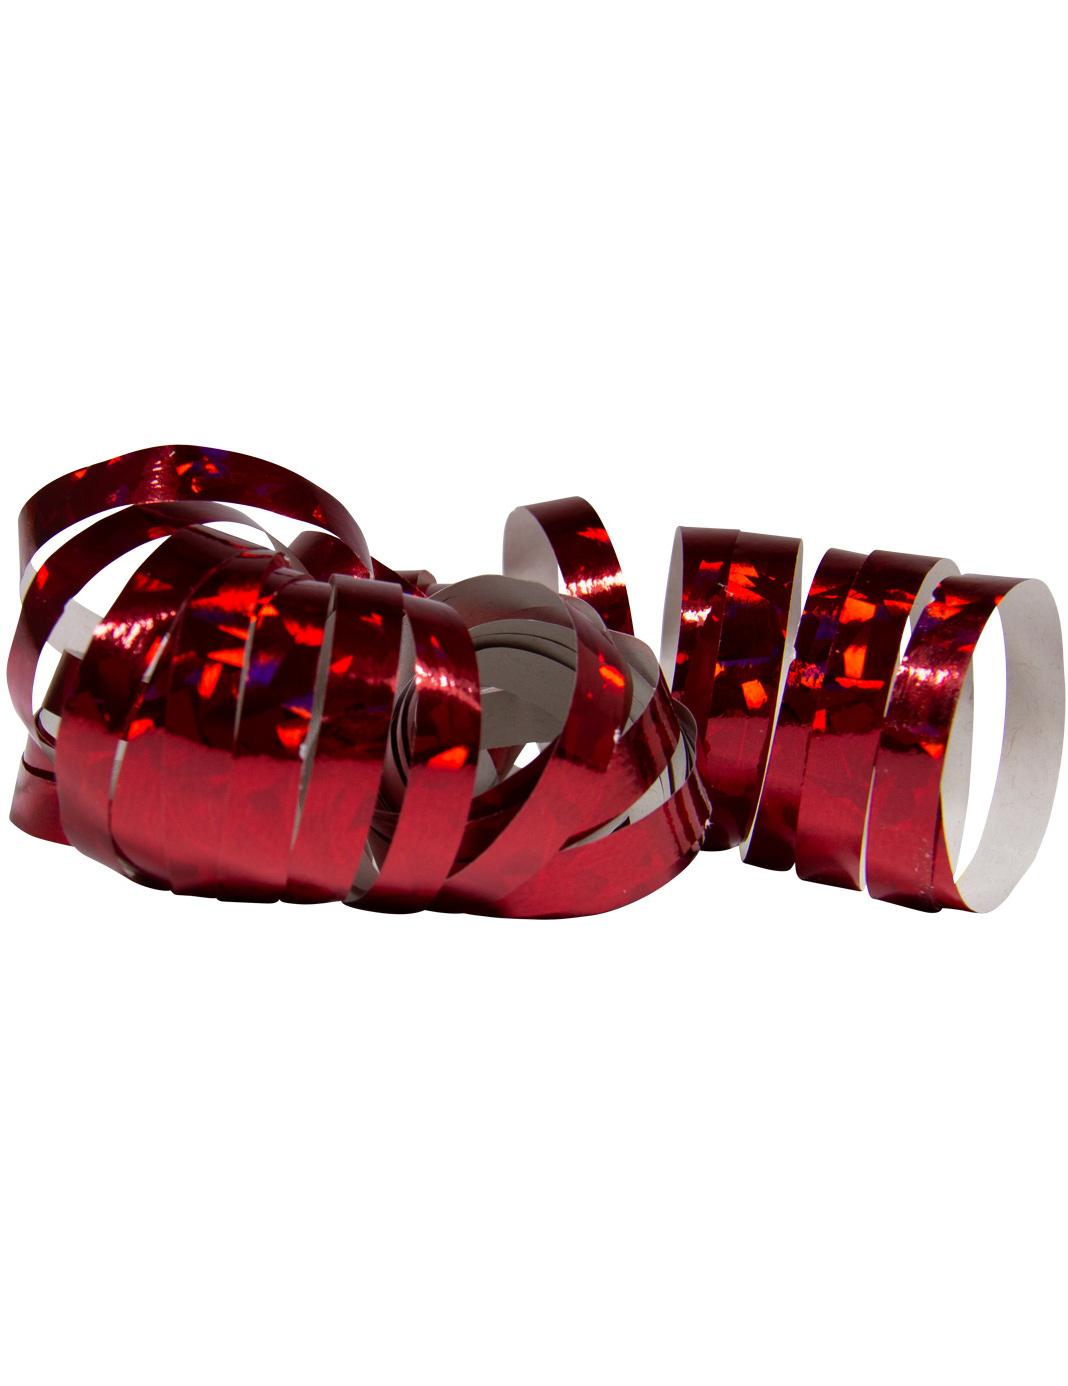 #Holografische Luftschlangen für Festlichkeiten 2 Stück rot 4 m#